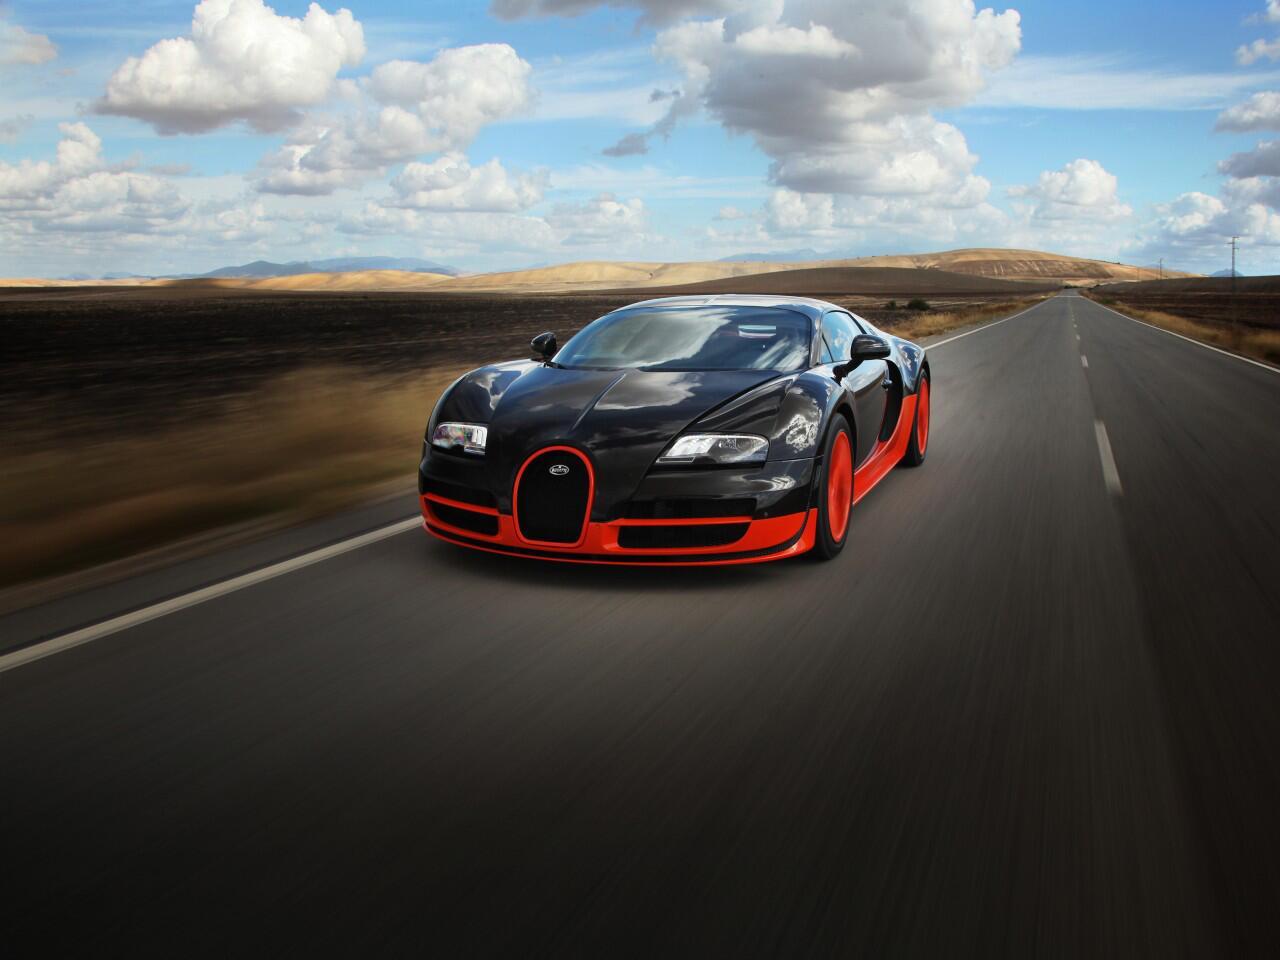 Bild zu Platz 1: Der Bugatti Veyron 16.4 Super Sport erreicht unglaubliche 431,072 km/h